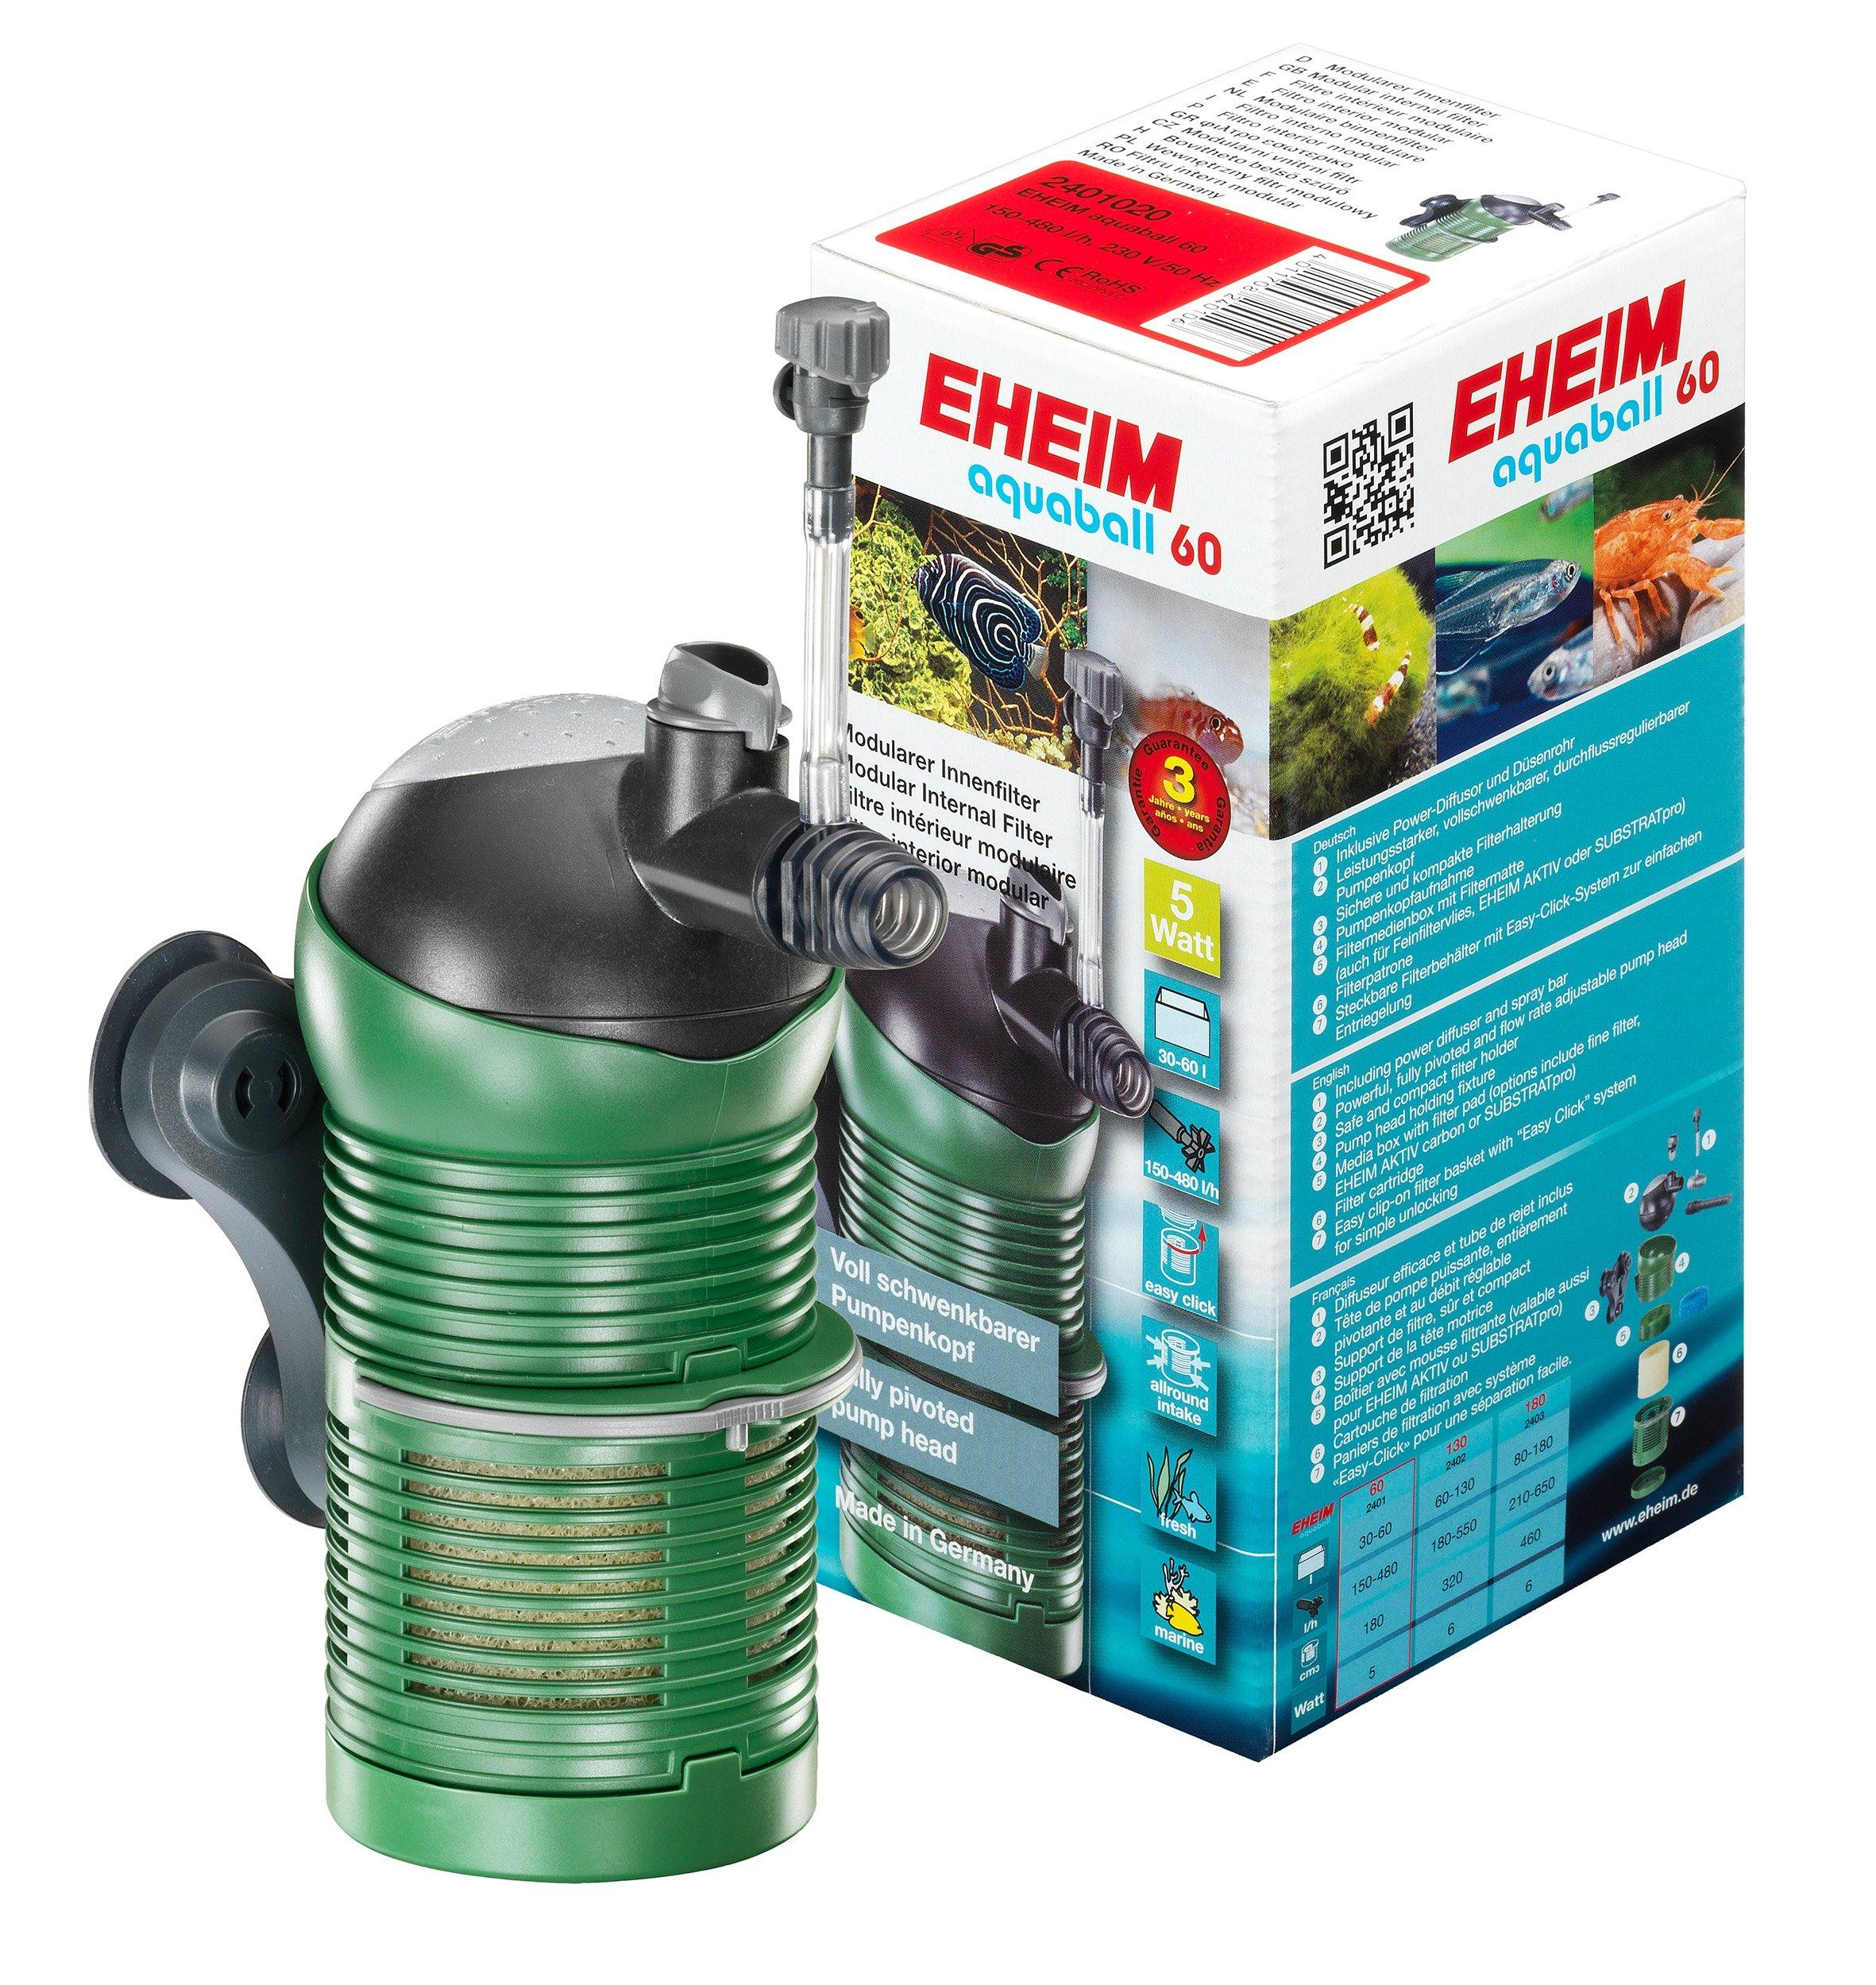 Eheim 32401020 Aquaball Filtre Intérieur pour Aquariophilie product image